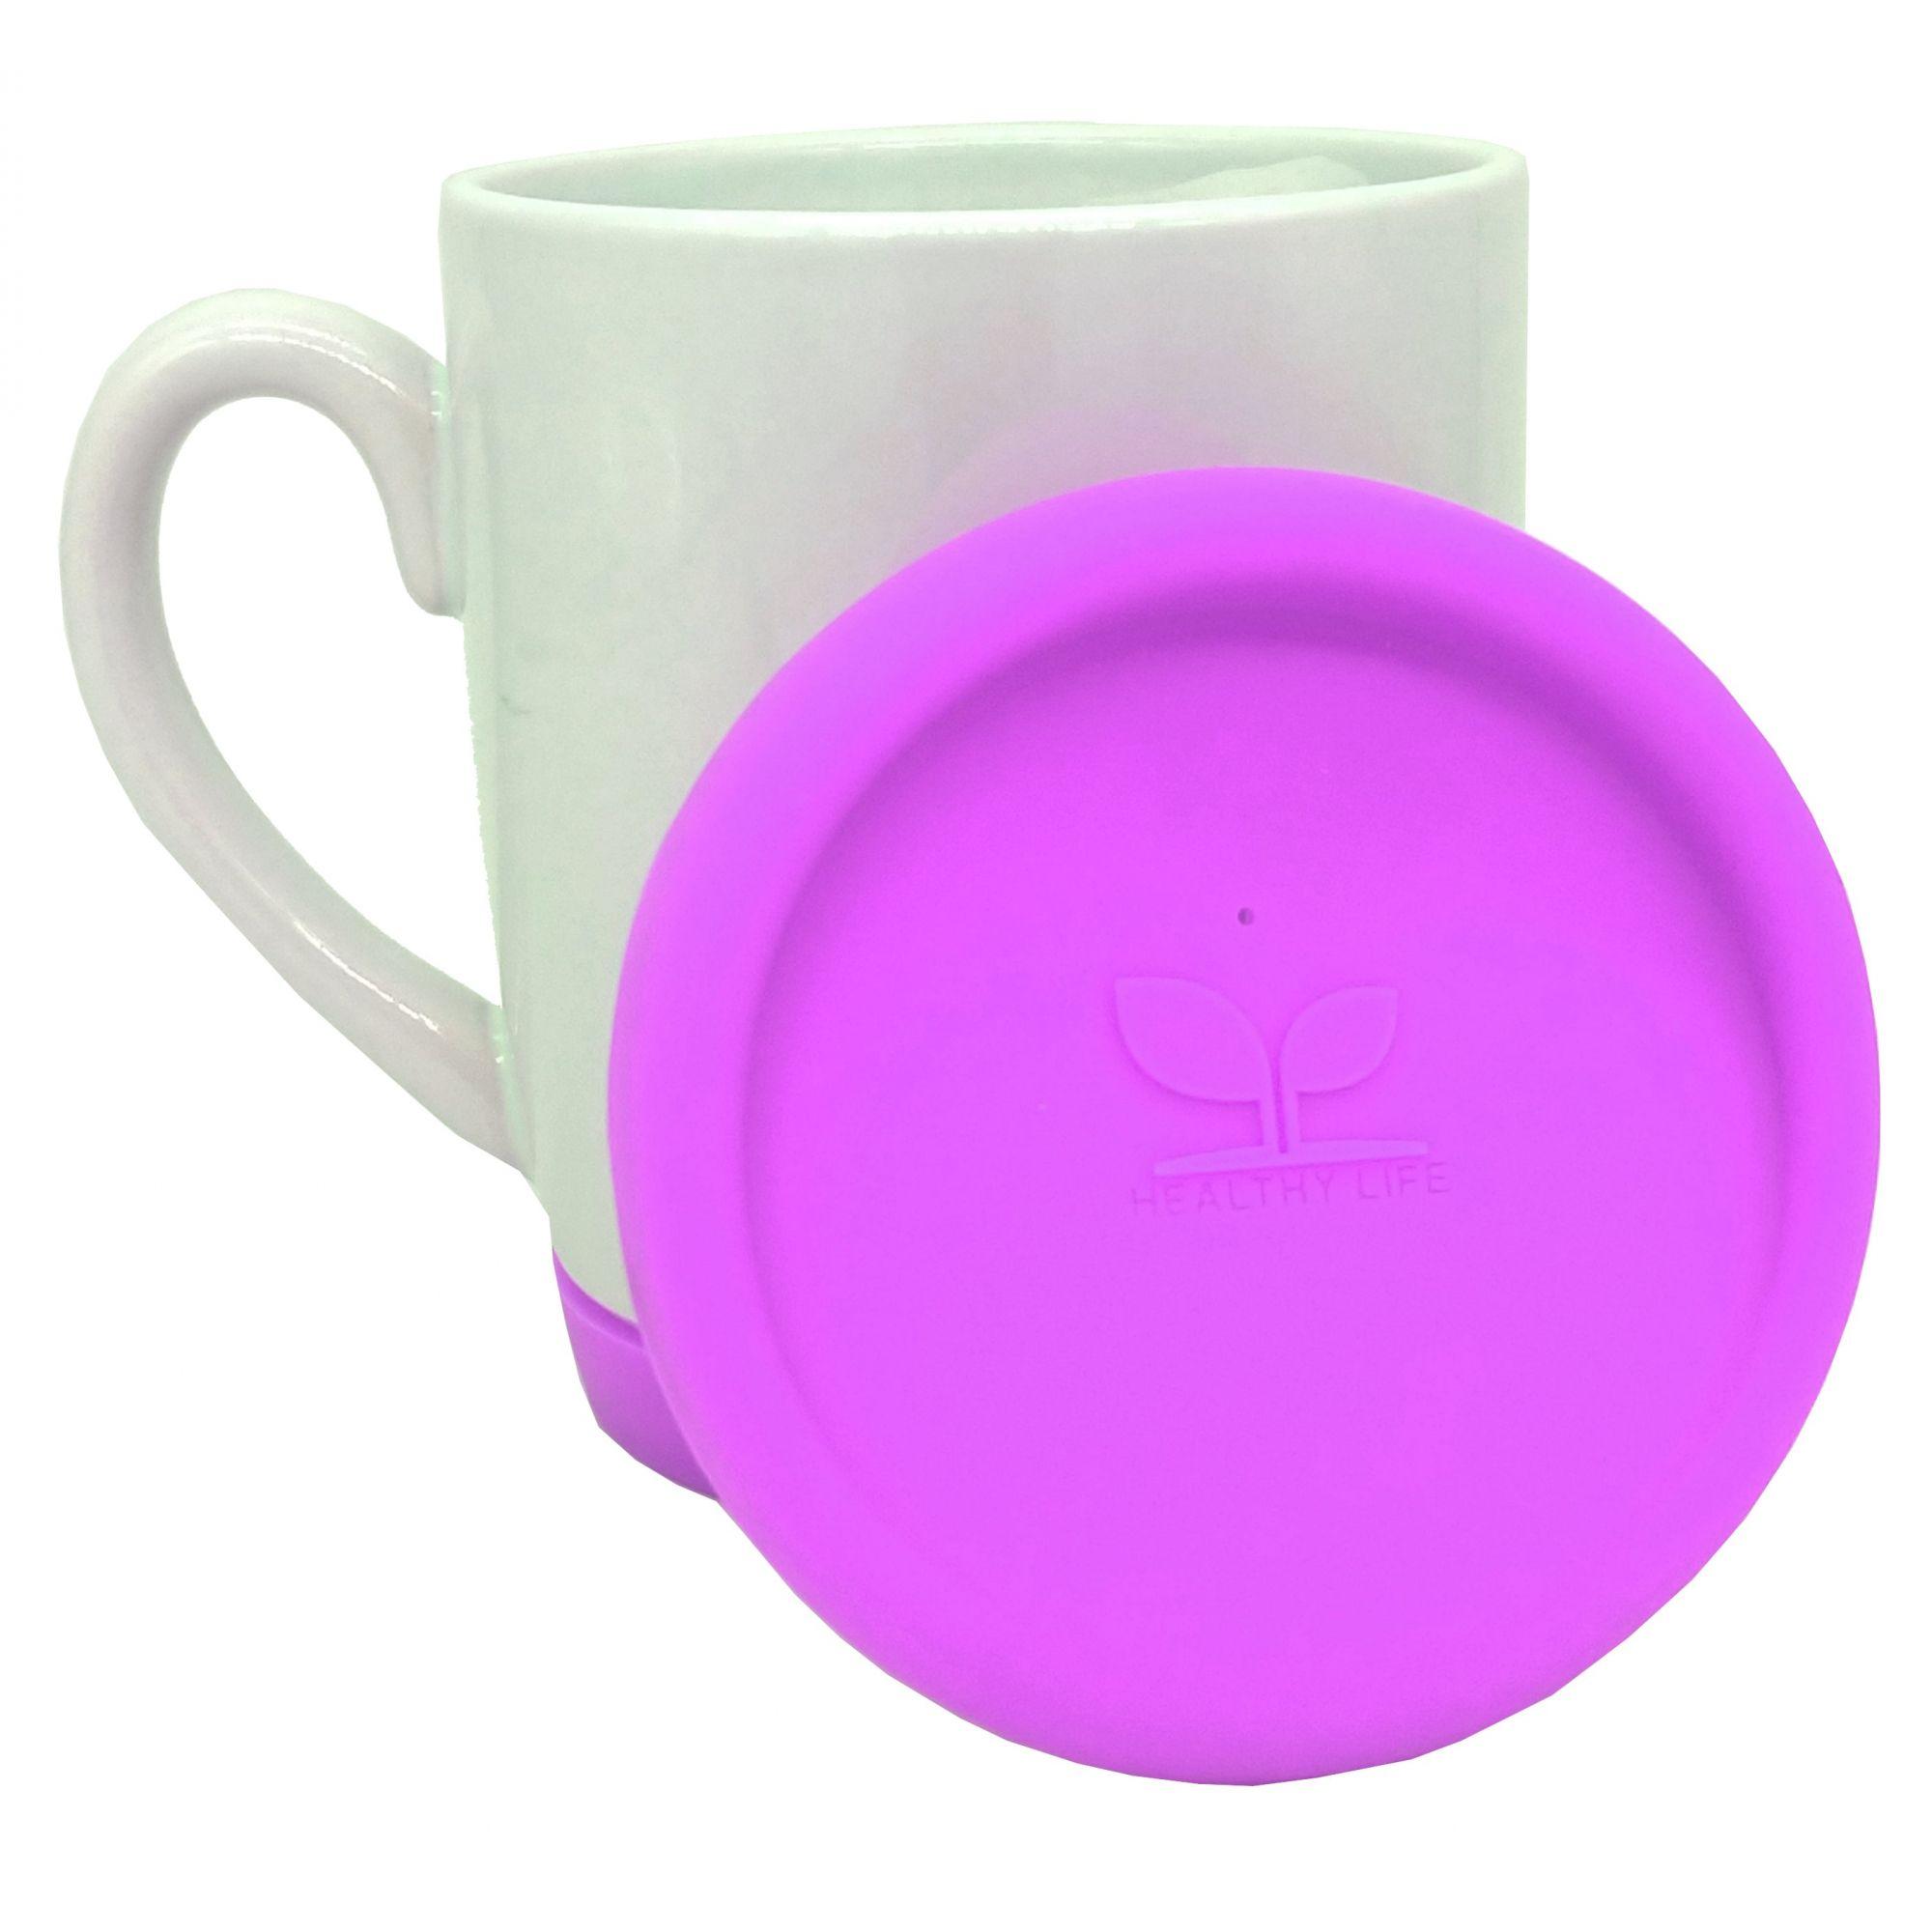 Caneca de cerâmica com tampa e base de silicone Rosa Pink - Classe A  - ALFANETI COMERCIO DE MIDIAS E SUBLIMAÇÃO LTDA-ME